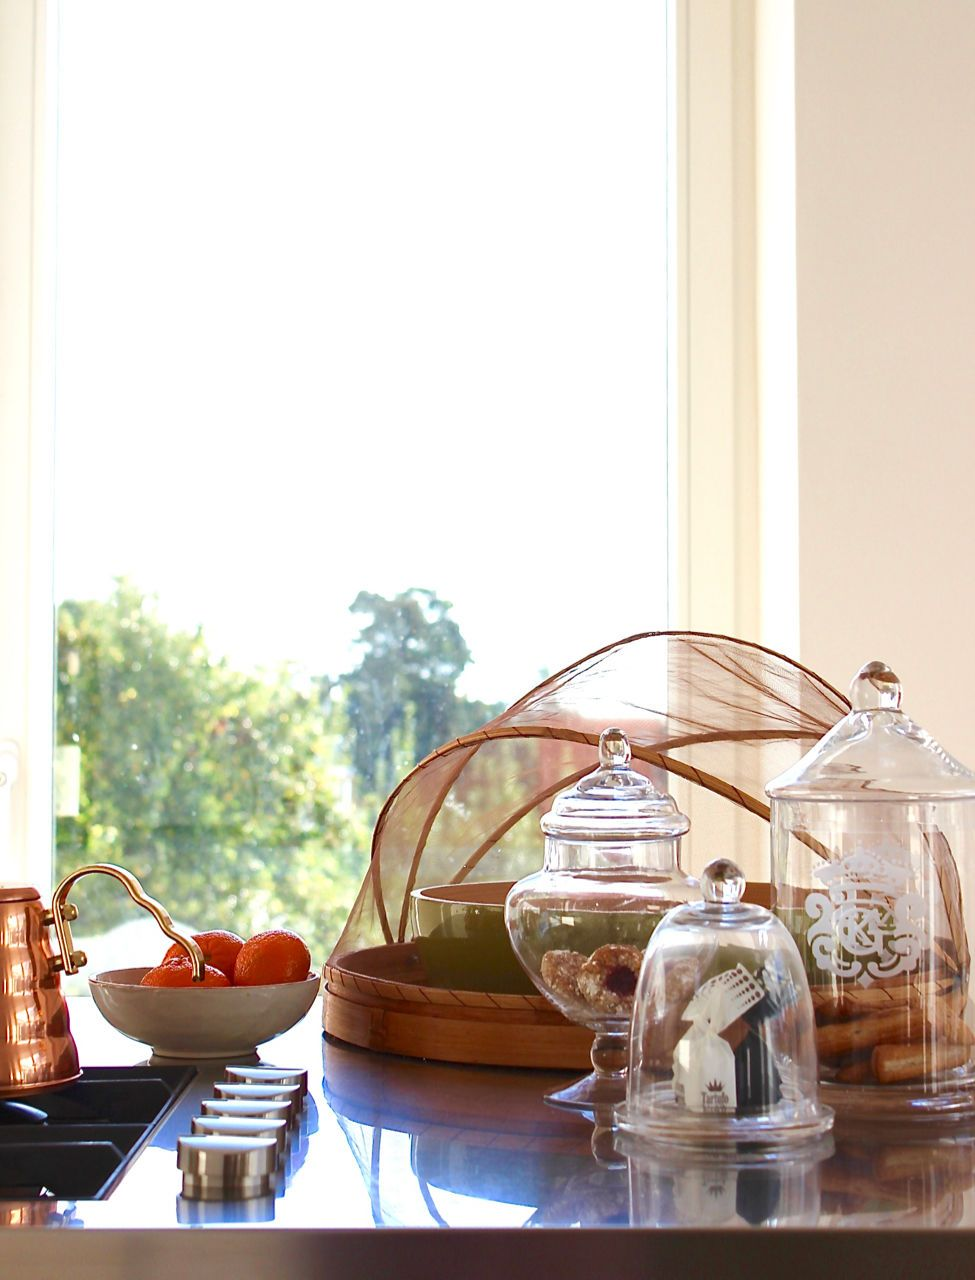 Smeg Küchengeräte im Retro-Design: Kühlschränke und Co. - Seite 2